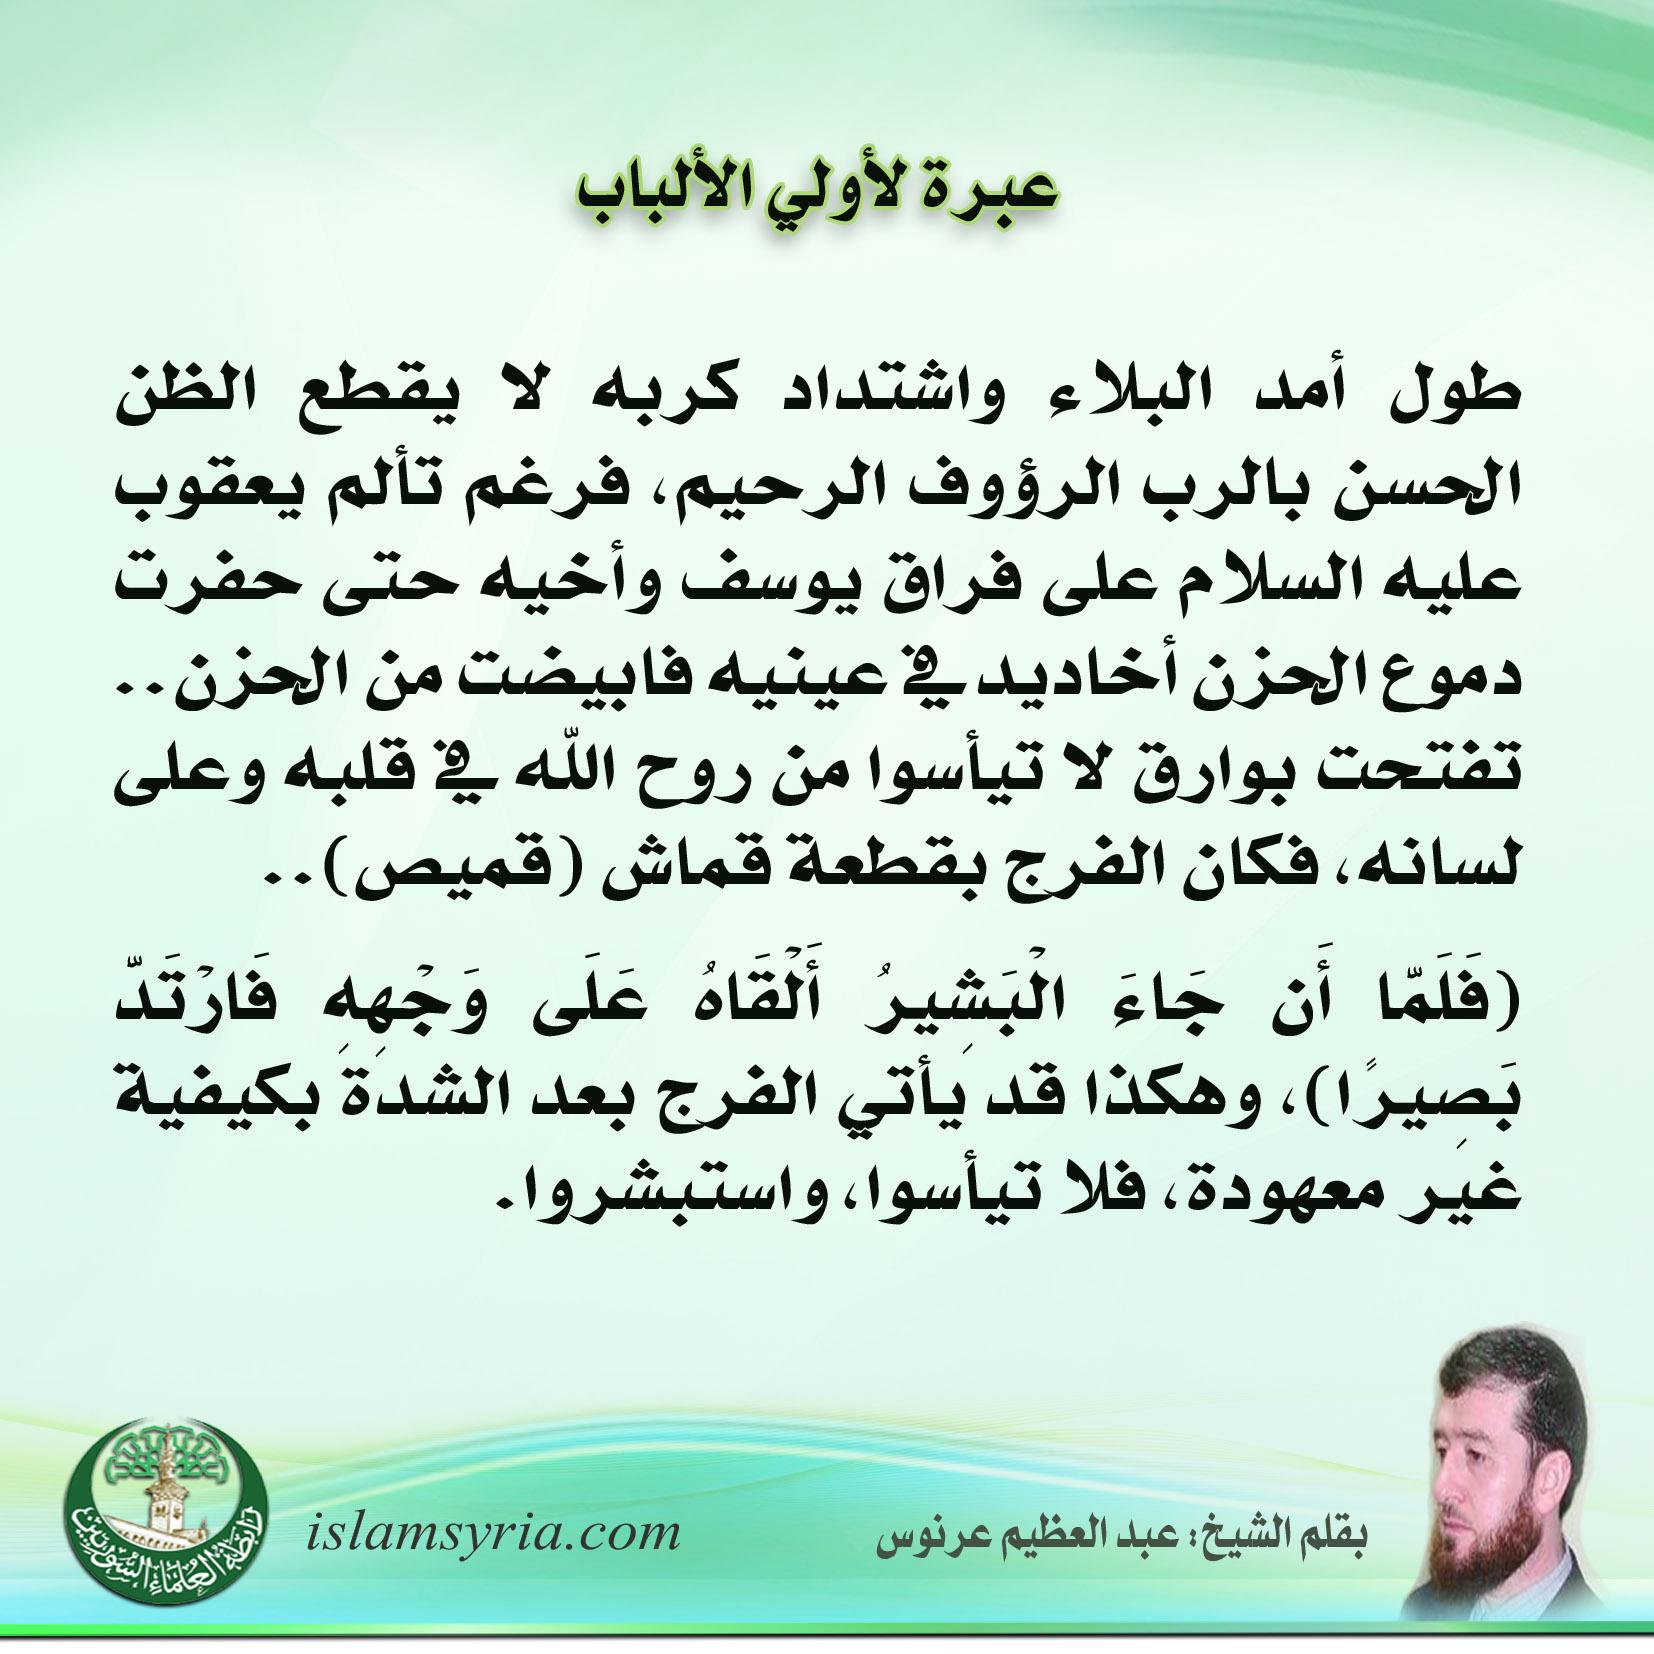 البطاقات الدعوية||عبرة لأولي الألباب||الشيخ عبد العظيم عرنوس